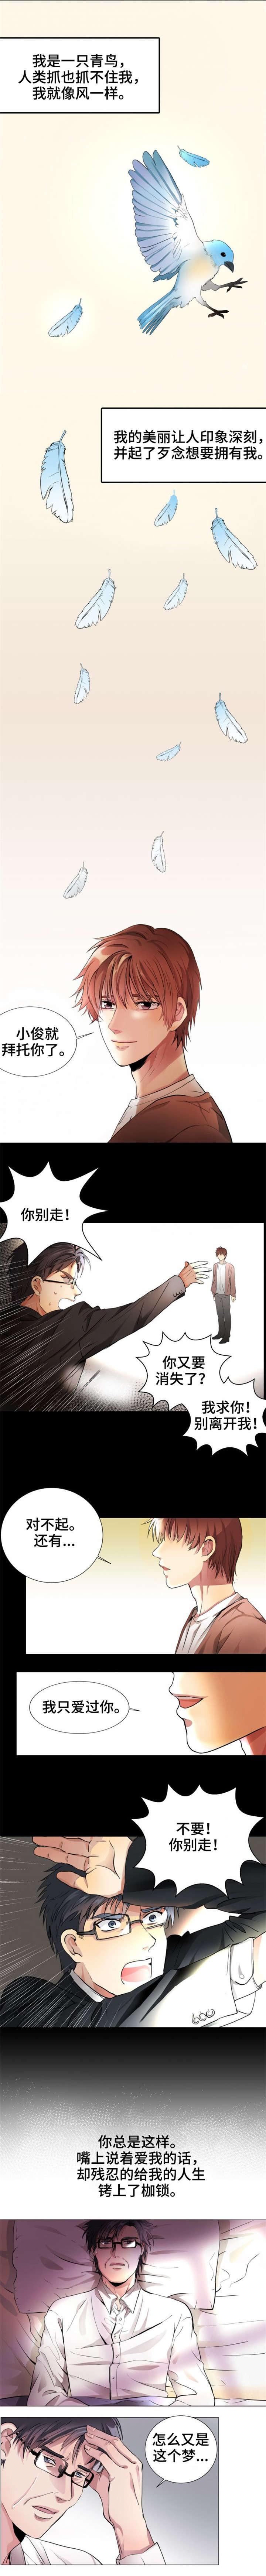 《睡醒变成豪门少爷》—— (完集漫画)~(全文在线阅读)